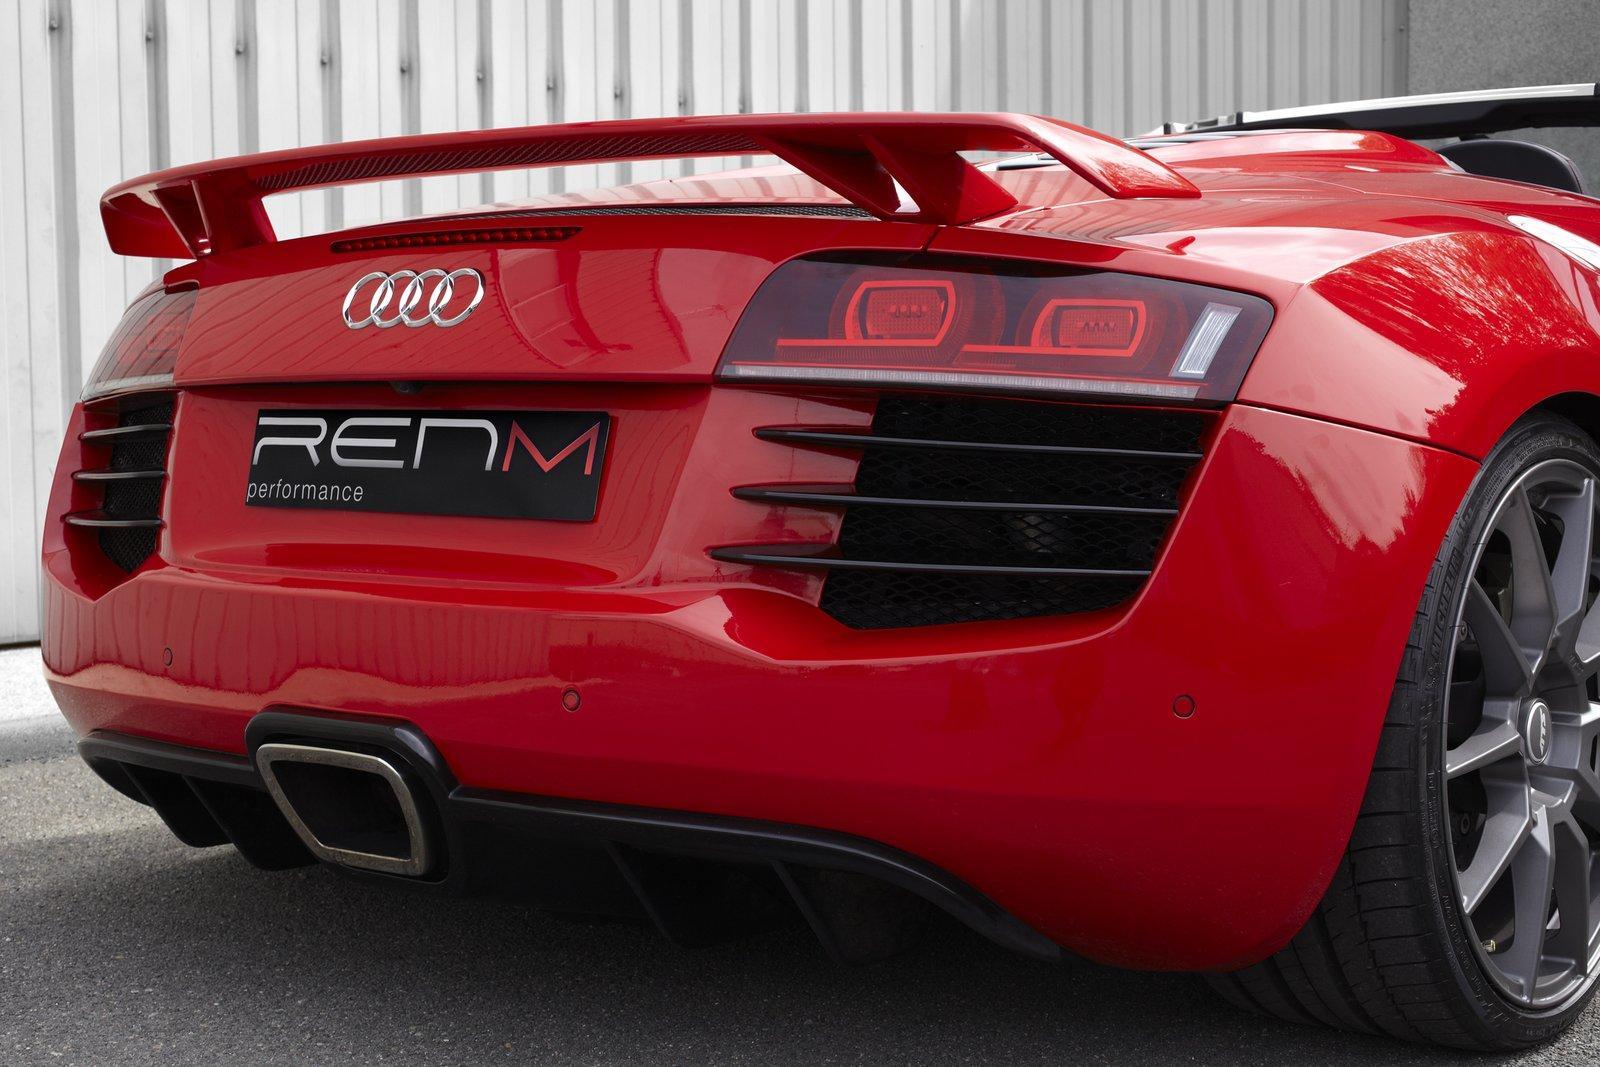 Renm Audi R8 V10 Rms Spyder